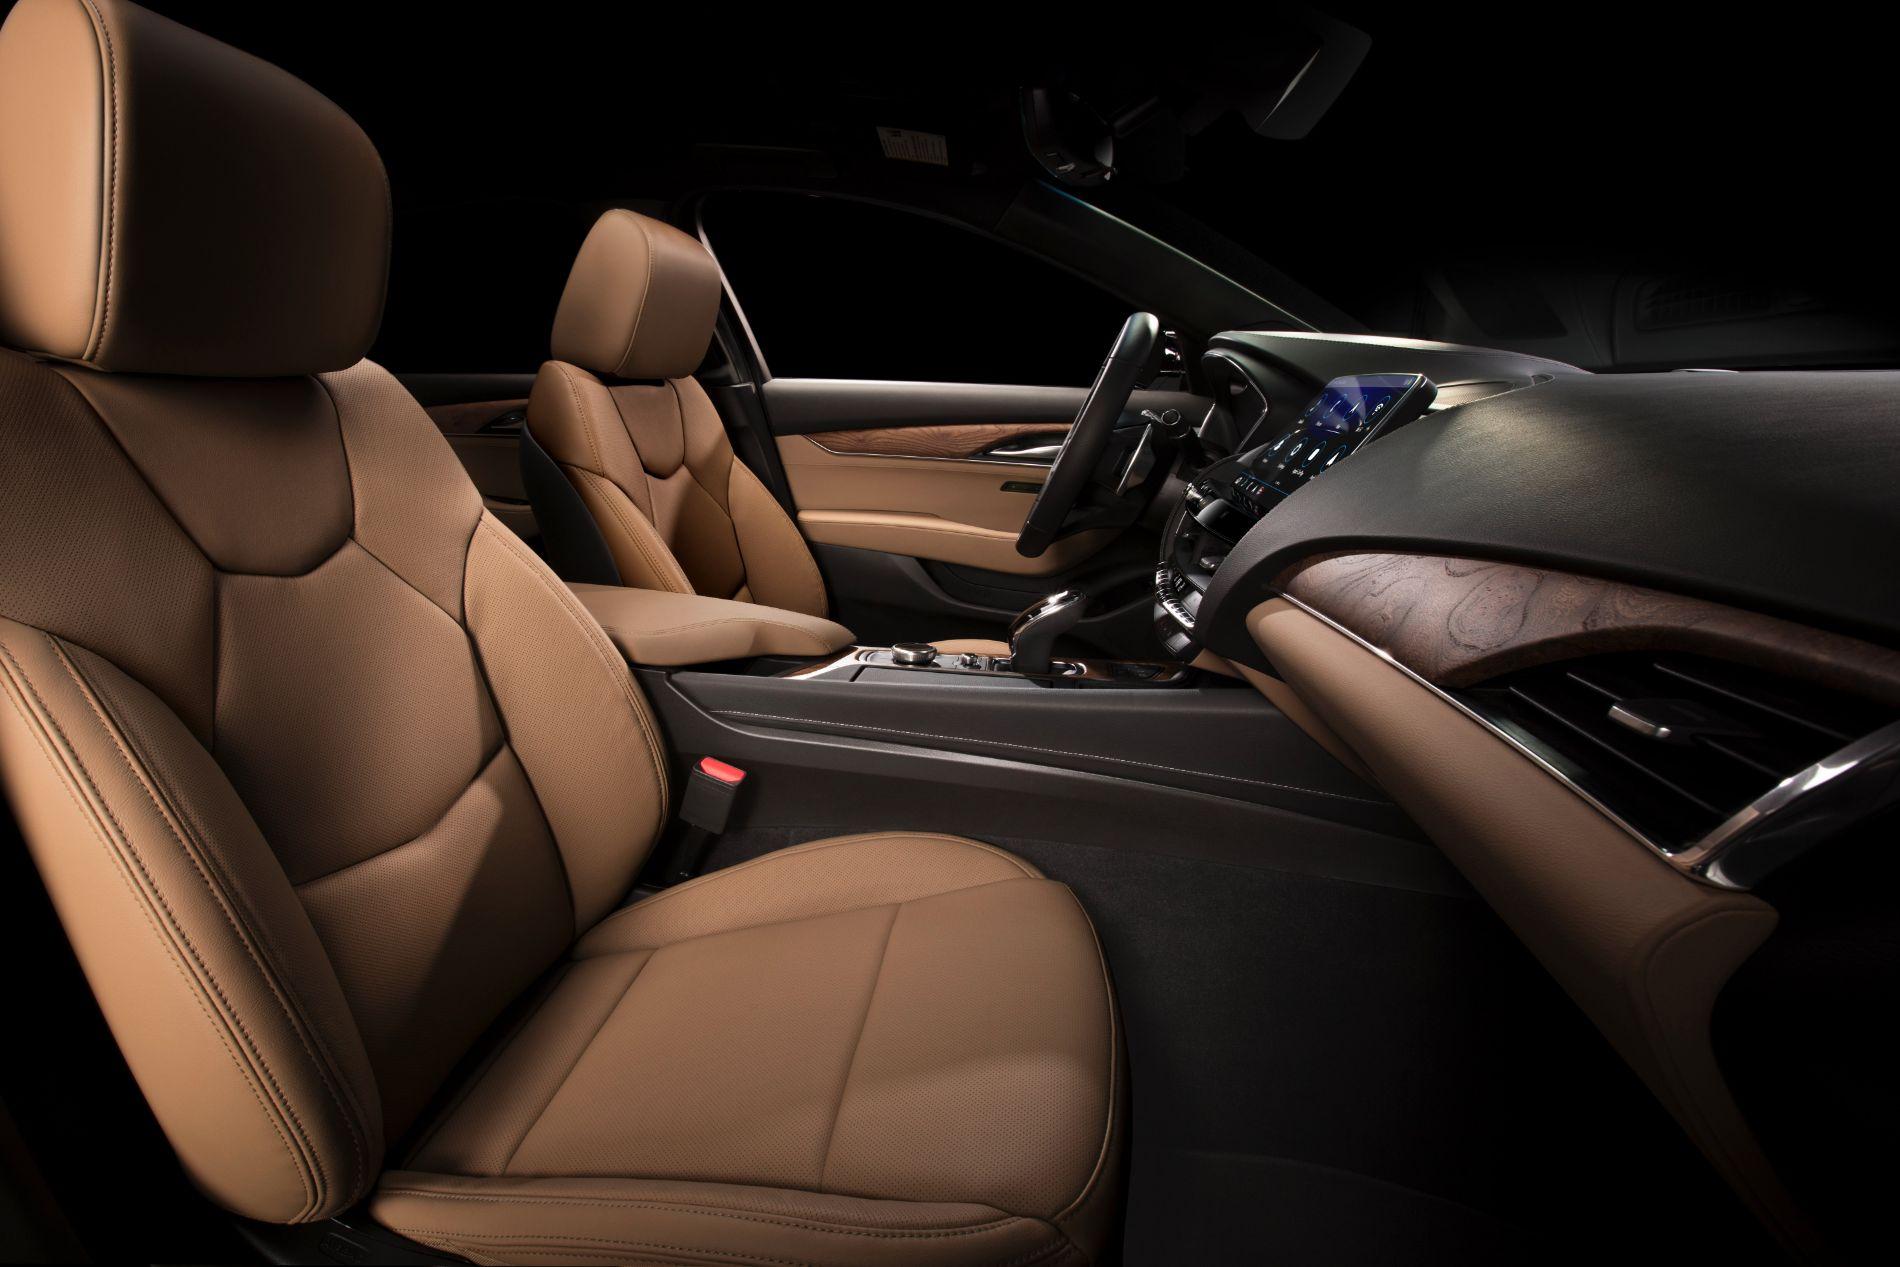 2020-Cadillac-CT5-PremiumLuxury-016